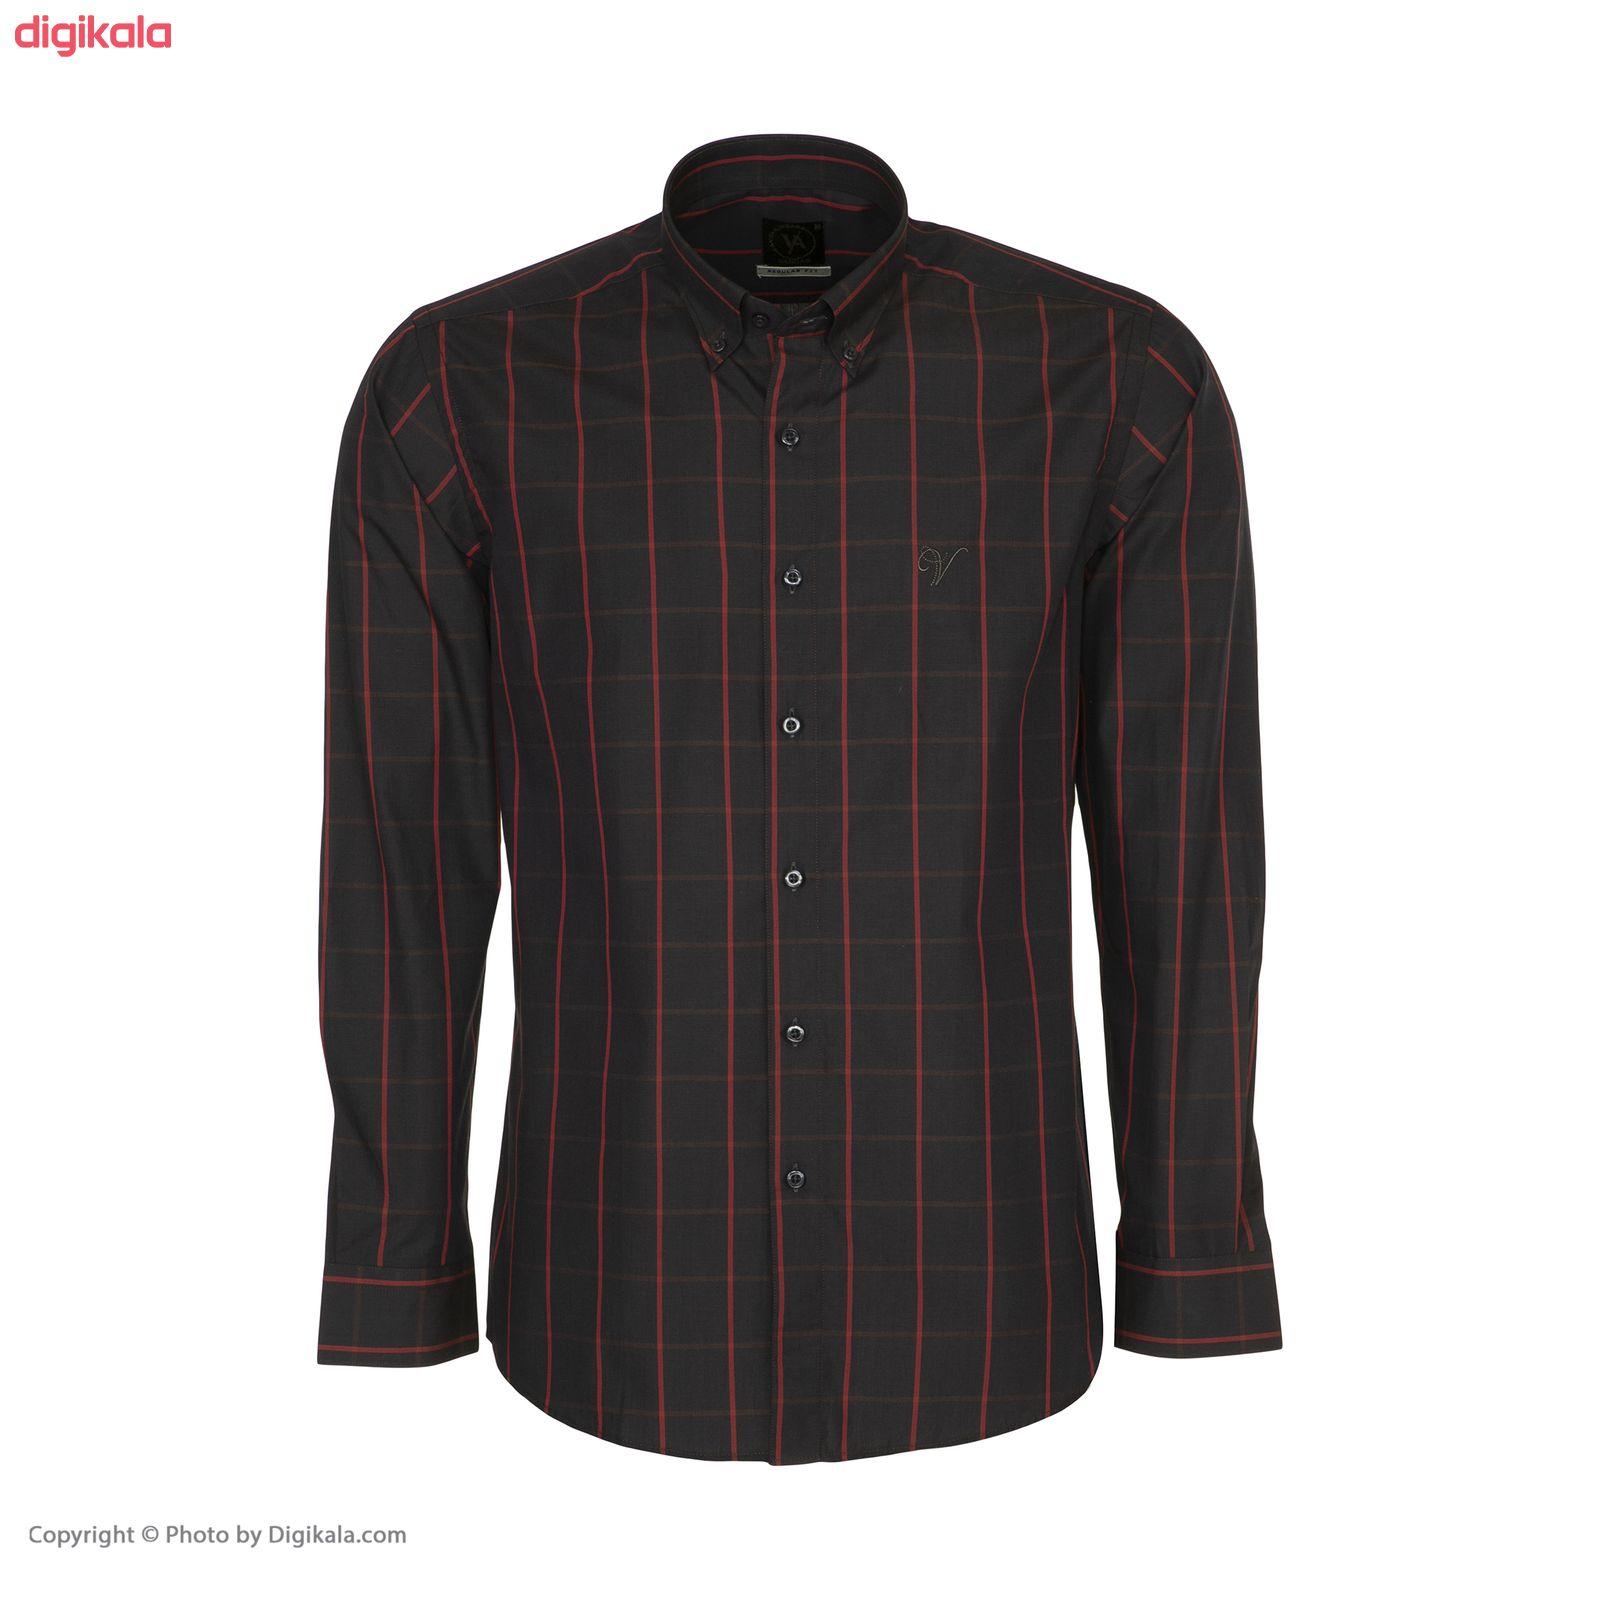 پیراهن آستین بلند مردانه مدل NO.5 main 1 1